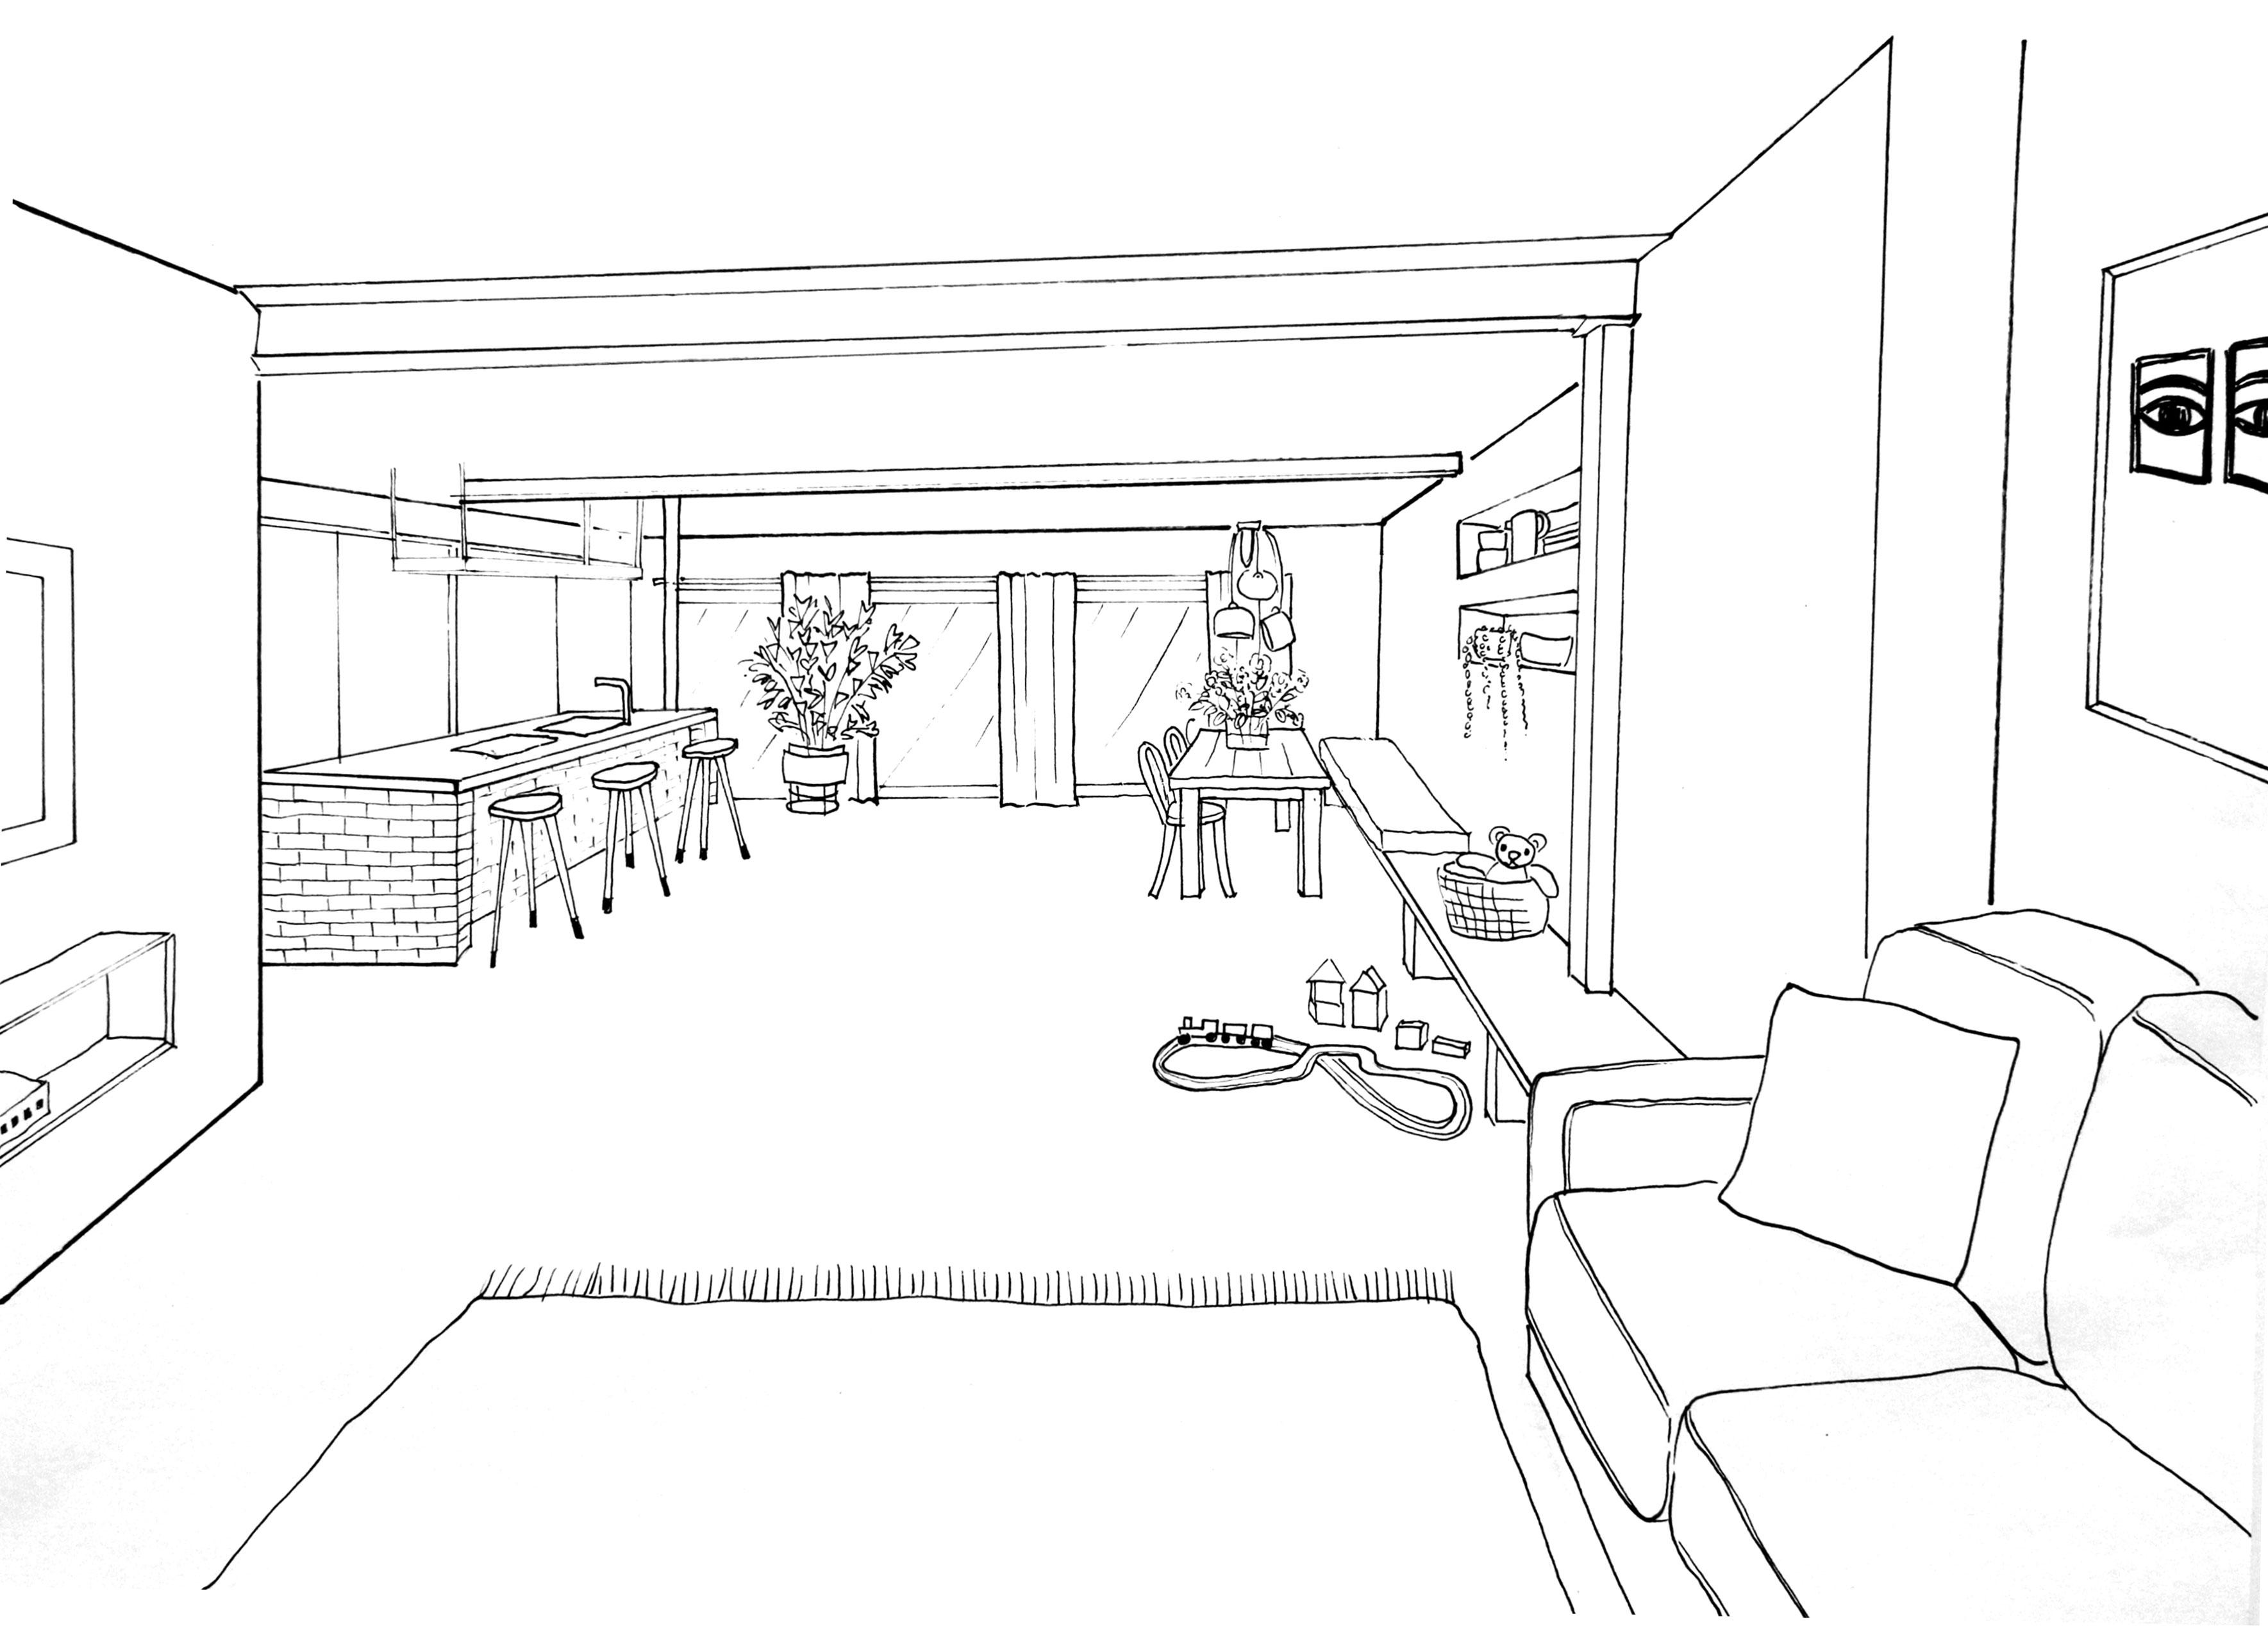 Ich Hatte Neulich Lust, Meine Vorstellung Von Unserem Zukünftigen Wohnzimmer  Im Neuen Haus Zu Zeichnen Und Um Euch Mal Einen Vorgeschmack Darauf Zu  Geben, ...